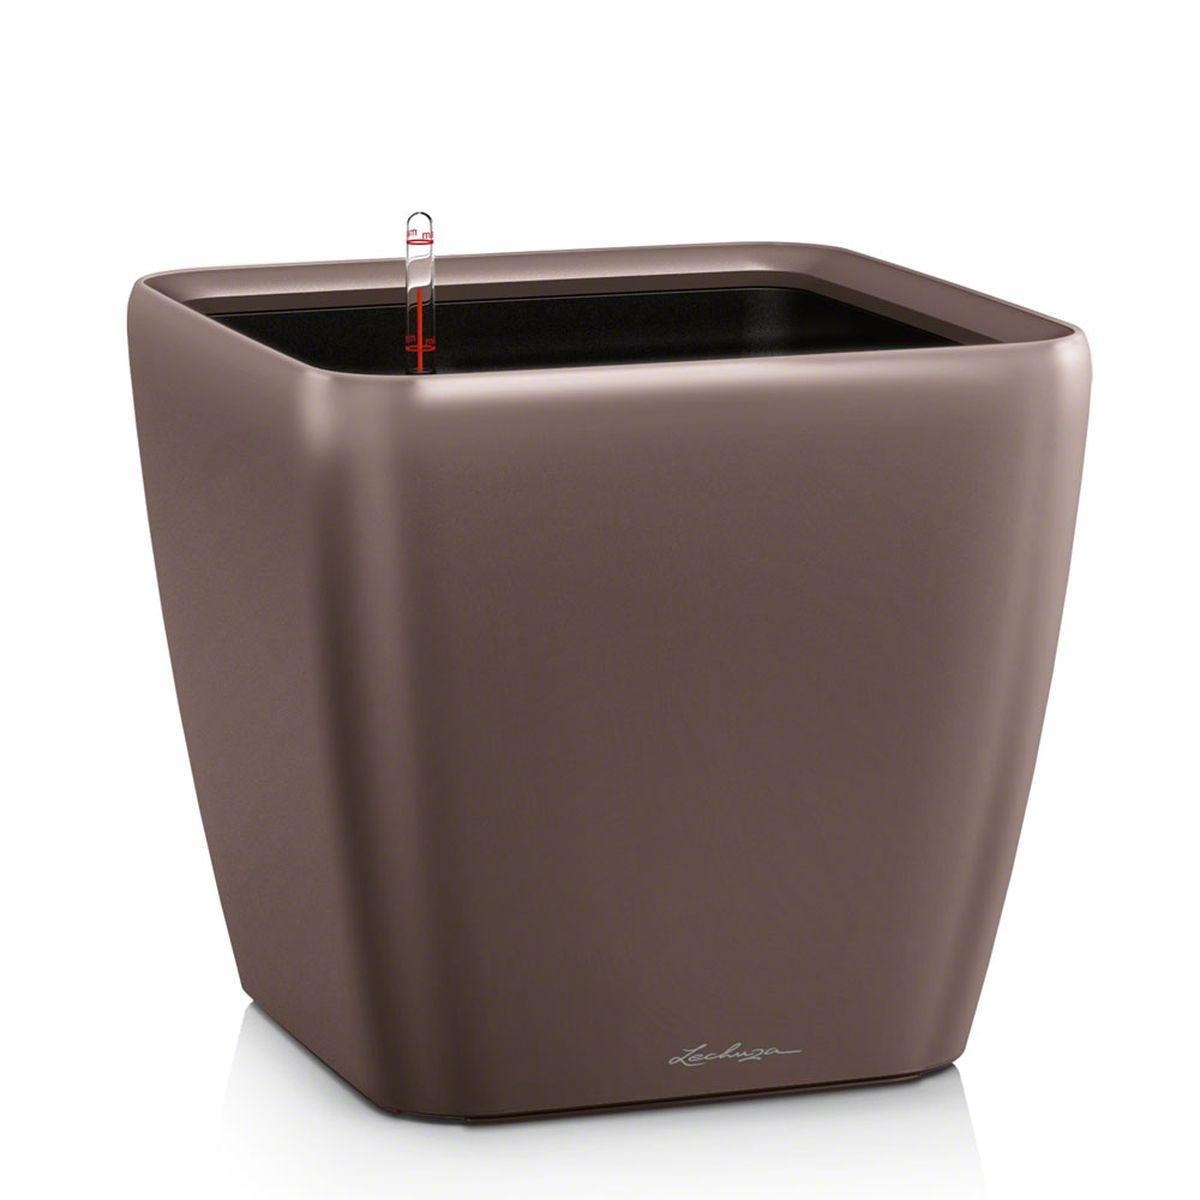 Кашпо Lechuza Quadro, с системой автополива, цвет: эспрессо, 28 х 28 х 26 см16141Кашпо Lechuza Quadro, выполненное из высококачественного пластика, имеет уникальную систему автополива, благодаря которой корневая система растения непрерывно снабжается влагой из резервуара. Уровень воды в резервуаре контролируется с помощью специального индикатора. В зависимости от размера кашпо и растения воды хватает на 2-12 недель. Это способствует хорошему росту цветов и предотвращает переувлажнение.В набор входит: кашпо, внутренний горшок с выдвижной эргономичной ручкой, индикатор уровня воды, вал подачи воды, субстрат растений в качестве дренажного слоя, резервуар для воды.Кашпо Lechuza Quadro прекрасно впишется в любой интерьер. Оно поможет расставить нужные акценты, а также придаст помещению вид, соответствующий вашим представлениям.